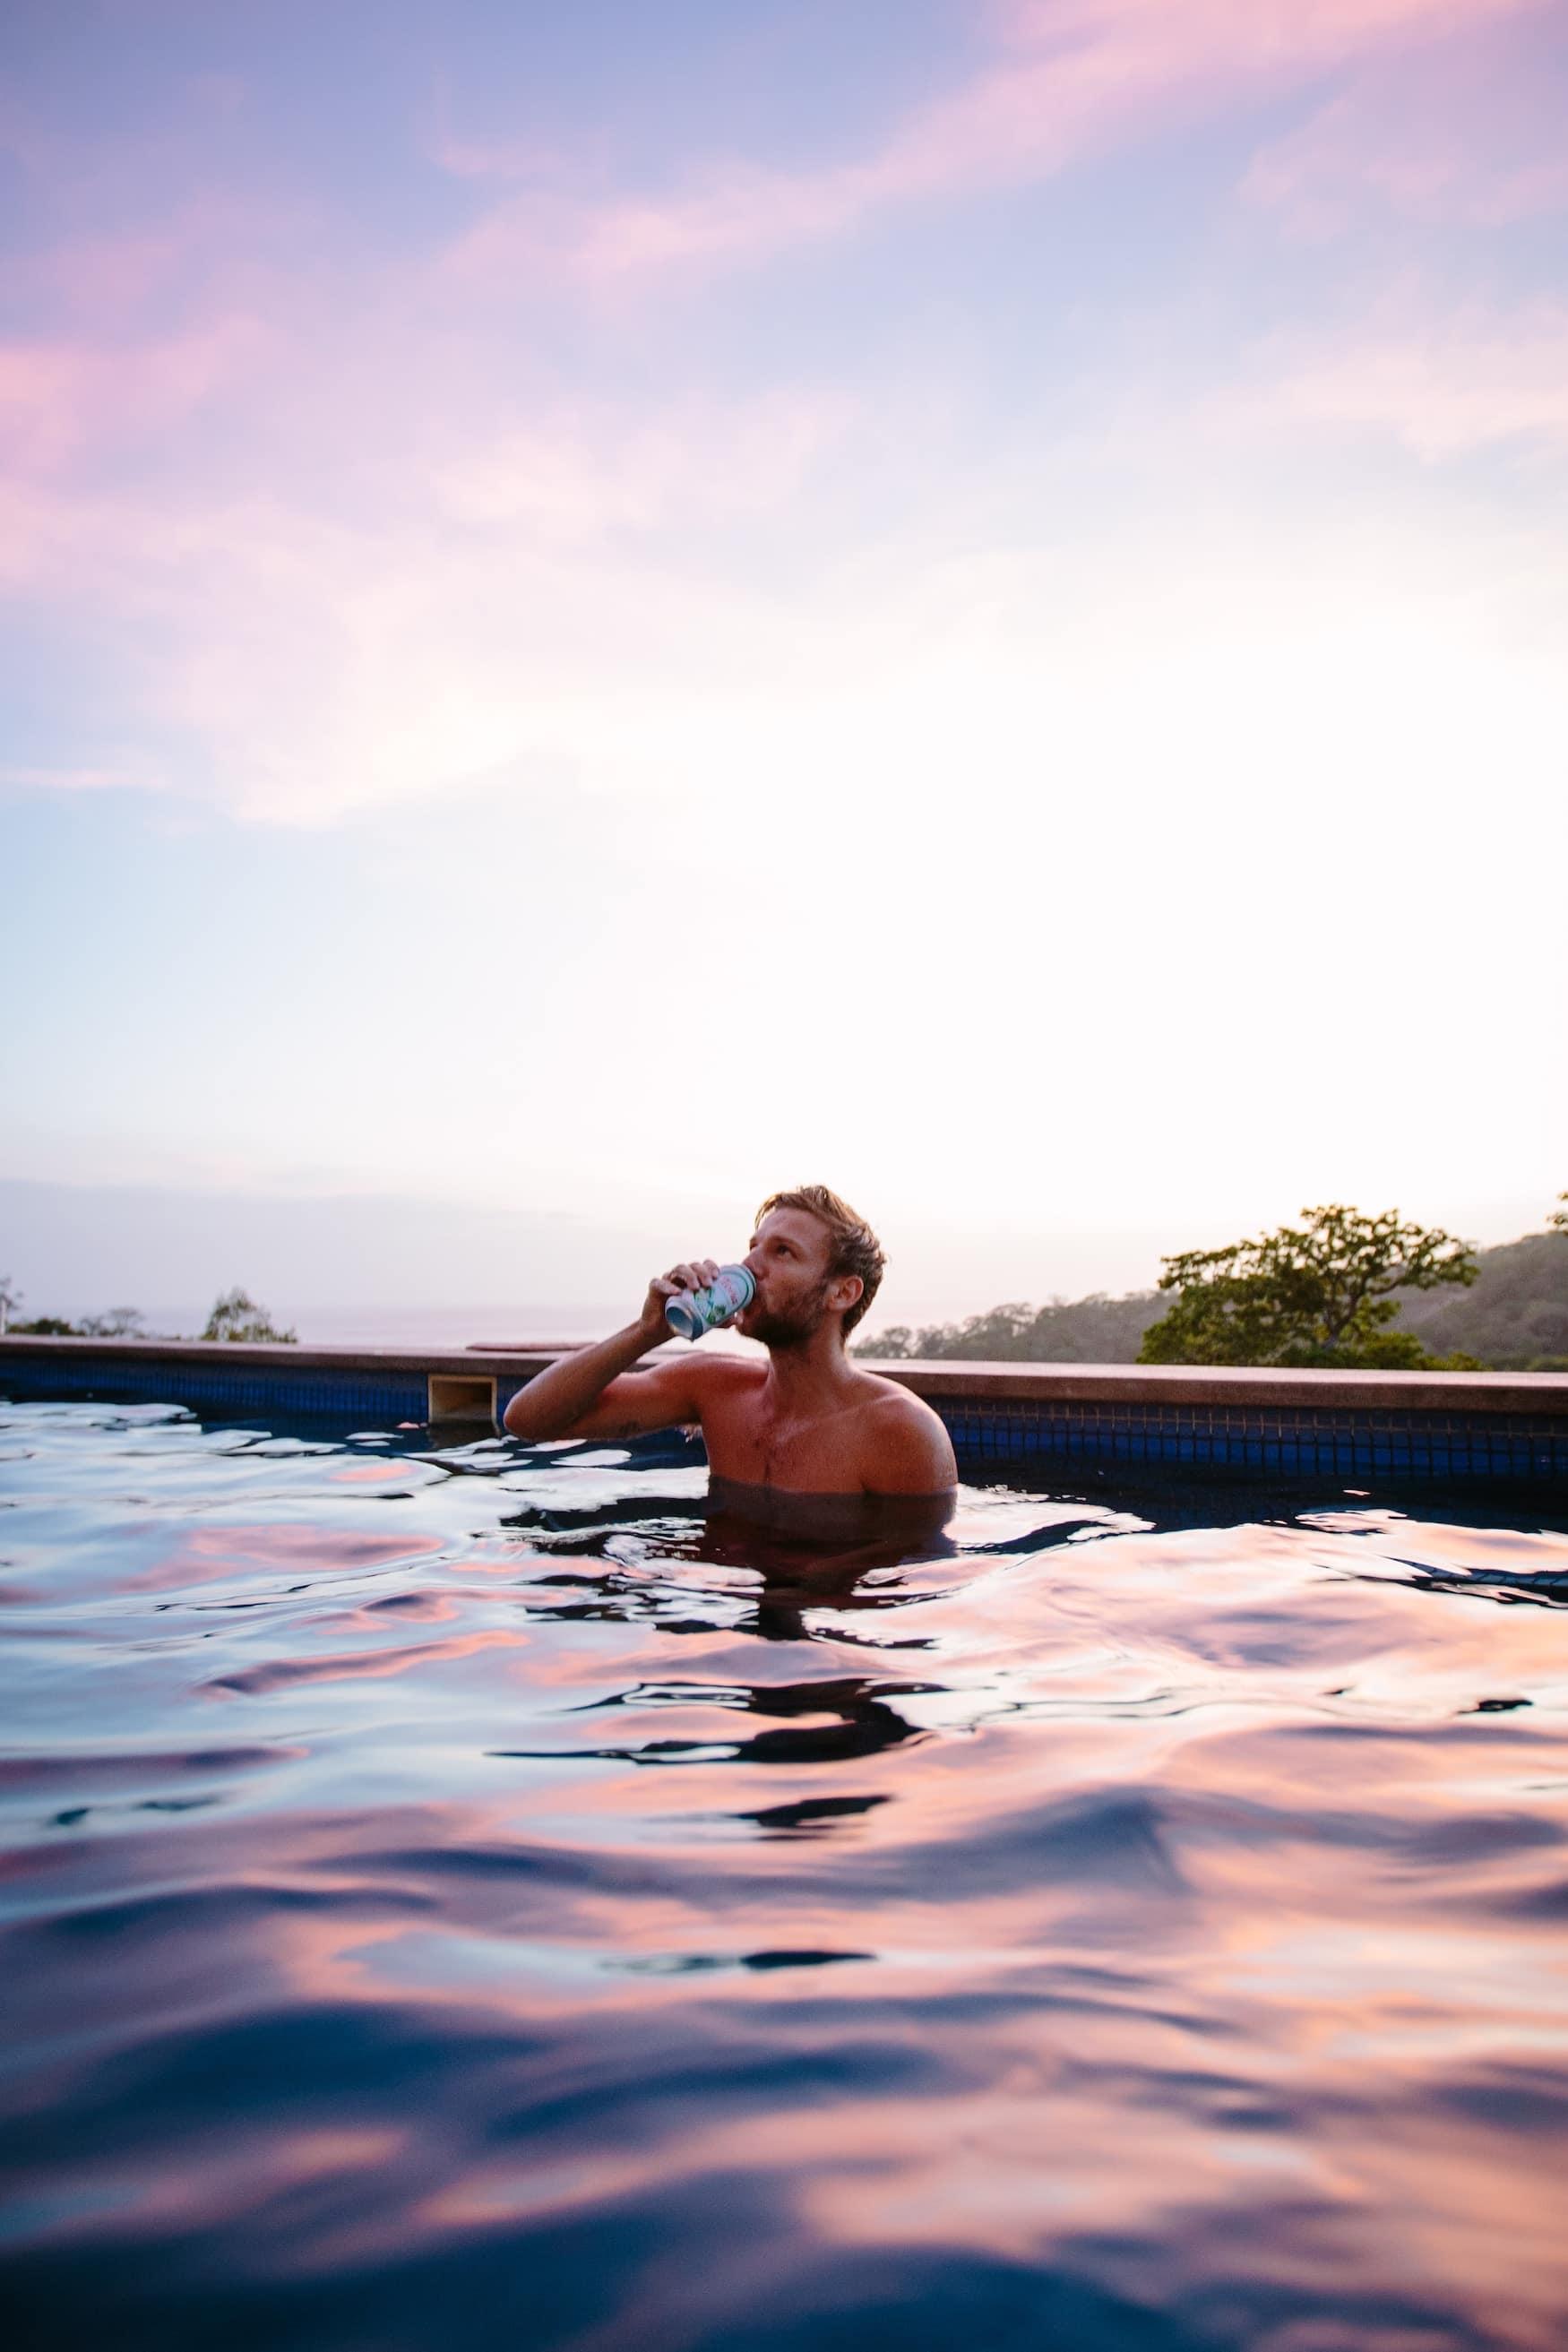 Mann sitzt bei Sonnenuntergang in Pool und trinkt Bier